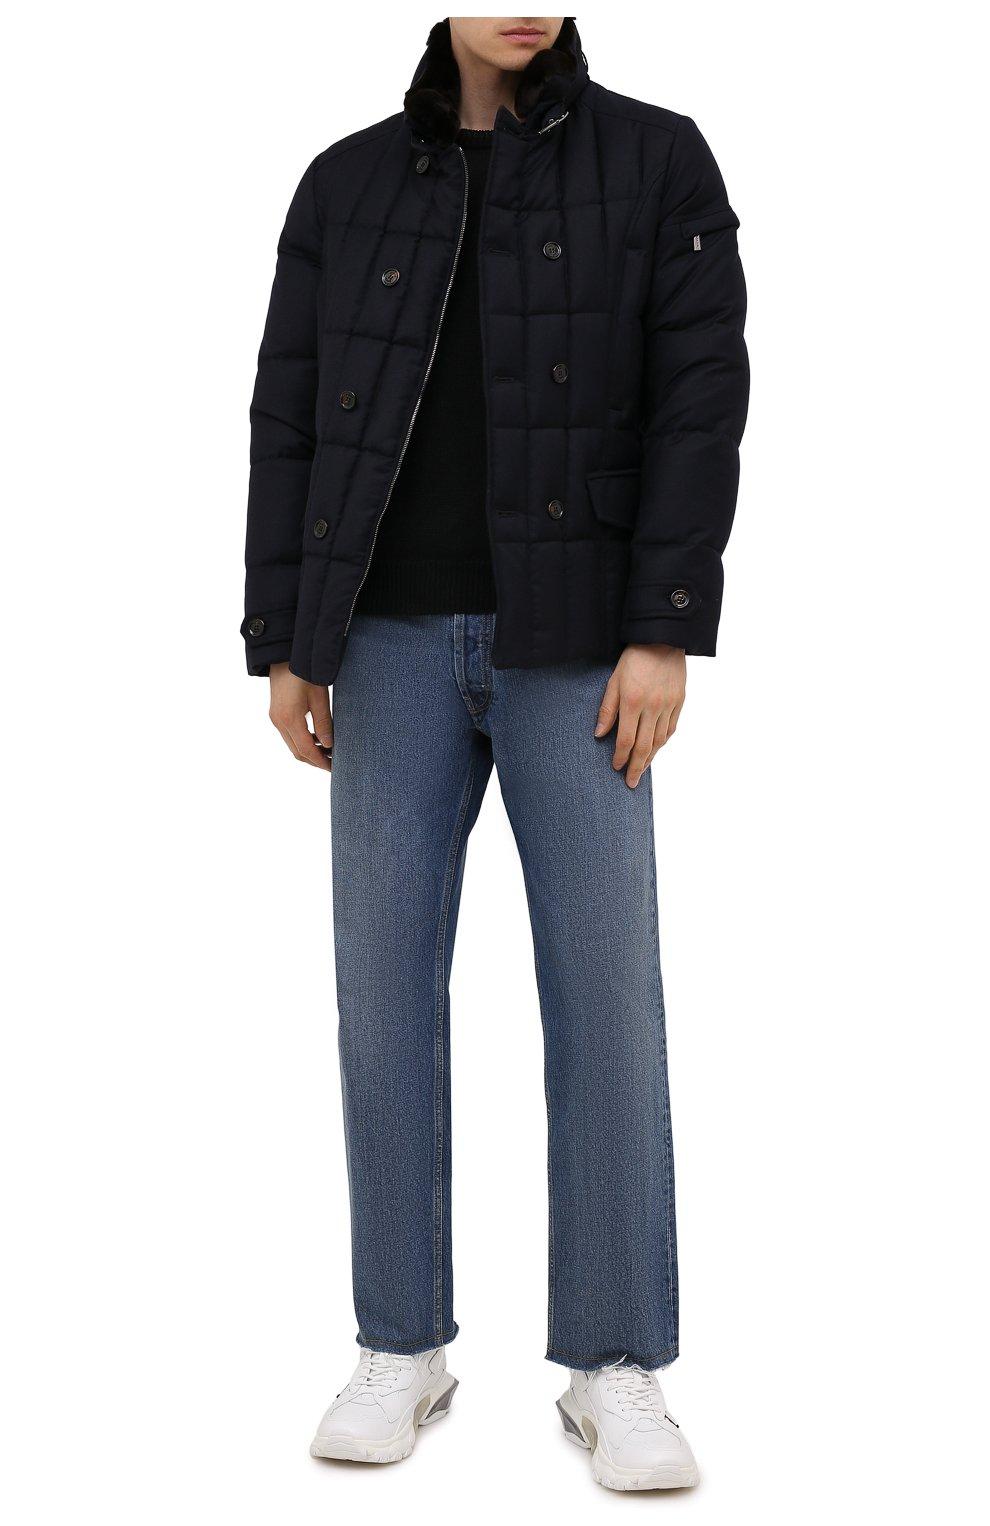 Мужская пуховая куртка с меховой отделкой siro-l MOORER синего цвета, арт. SIR0-L/M0UGI100276-TEPA217 | Фото 2 (Кросс-КТ: Куртка; Мужское Кросс-КТ: пуховик-короткий; Материал внешний: Шерсть; Рукава: Длинные; Материал подклада: Синтетический материал; Длина (верхняя одежда): Короткие; Материал утеплителя: Пух и перо; Стили: Кэжуэл)